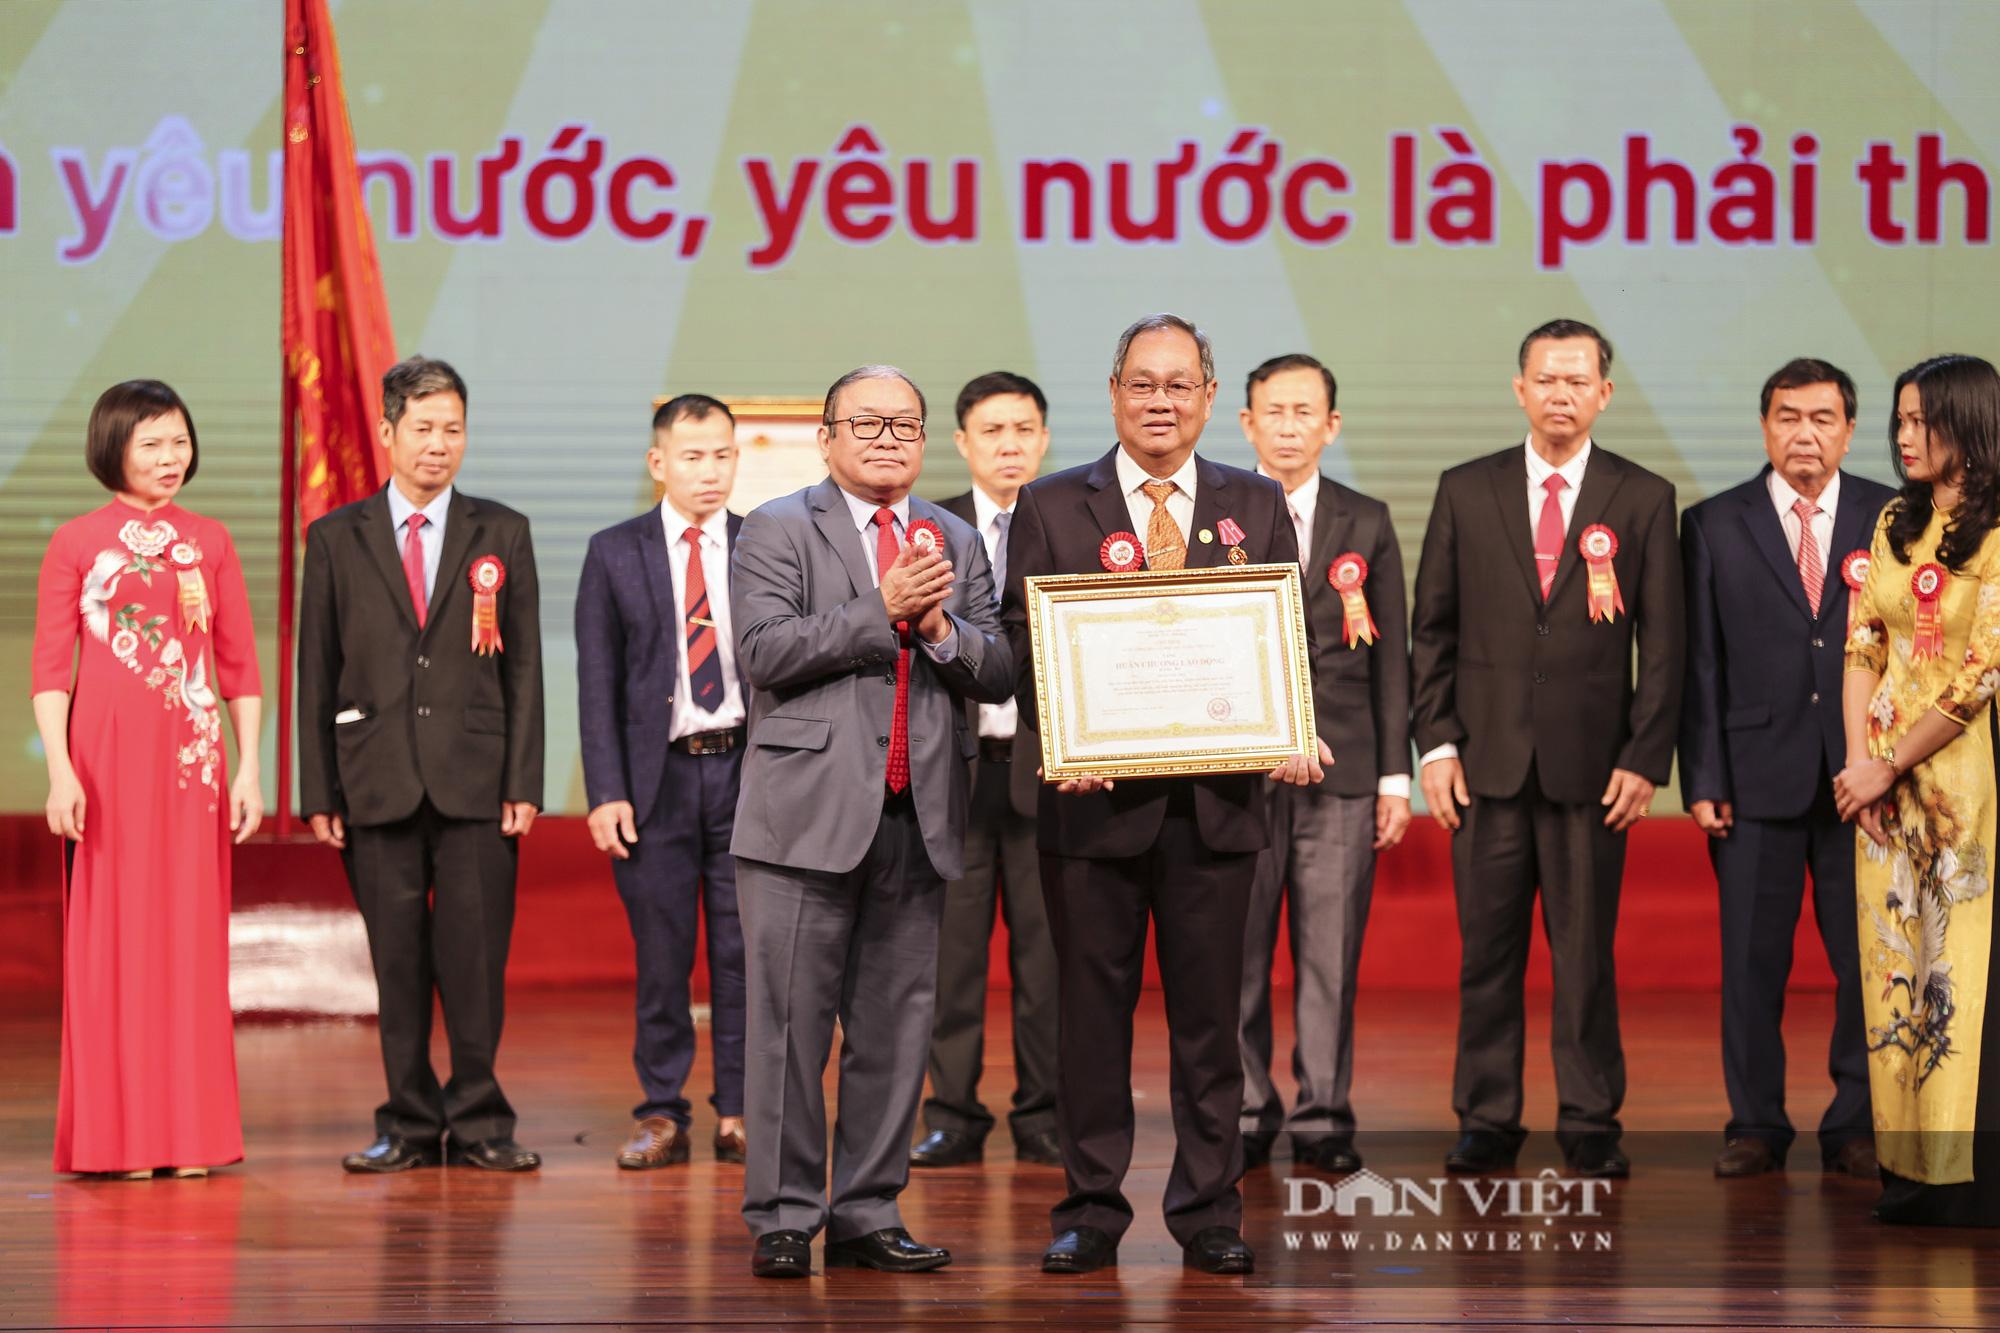 Nhiều nông dân tiêu biểu được Chủ tịch nước tặng thưởng Huân chương lao động - Ảnh 1.